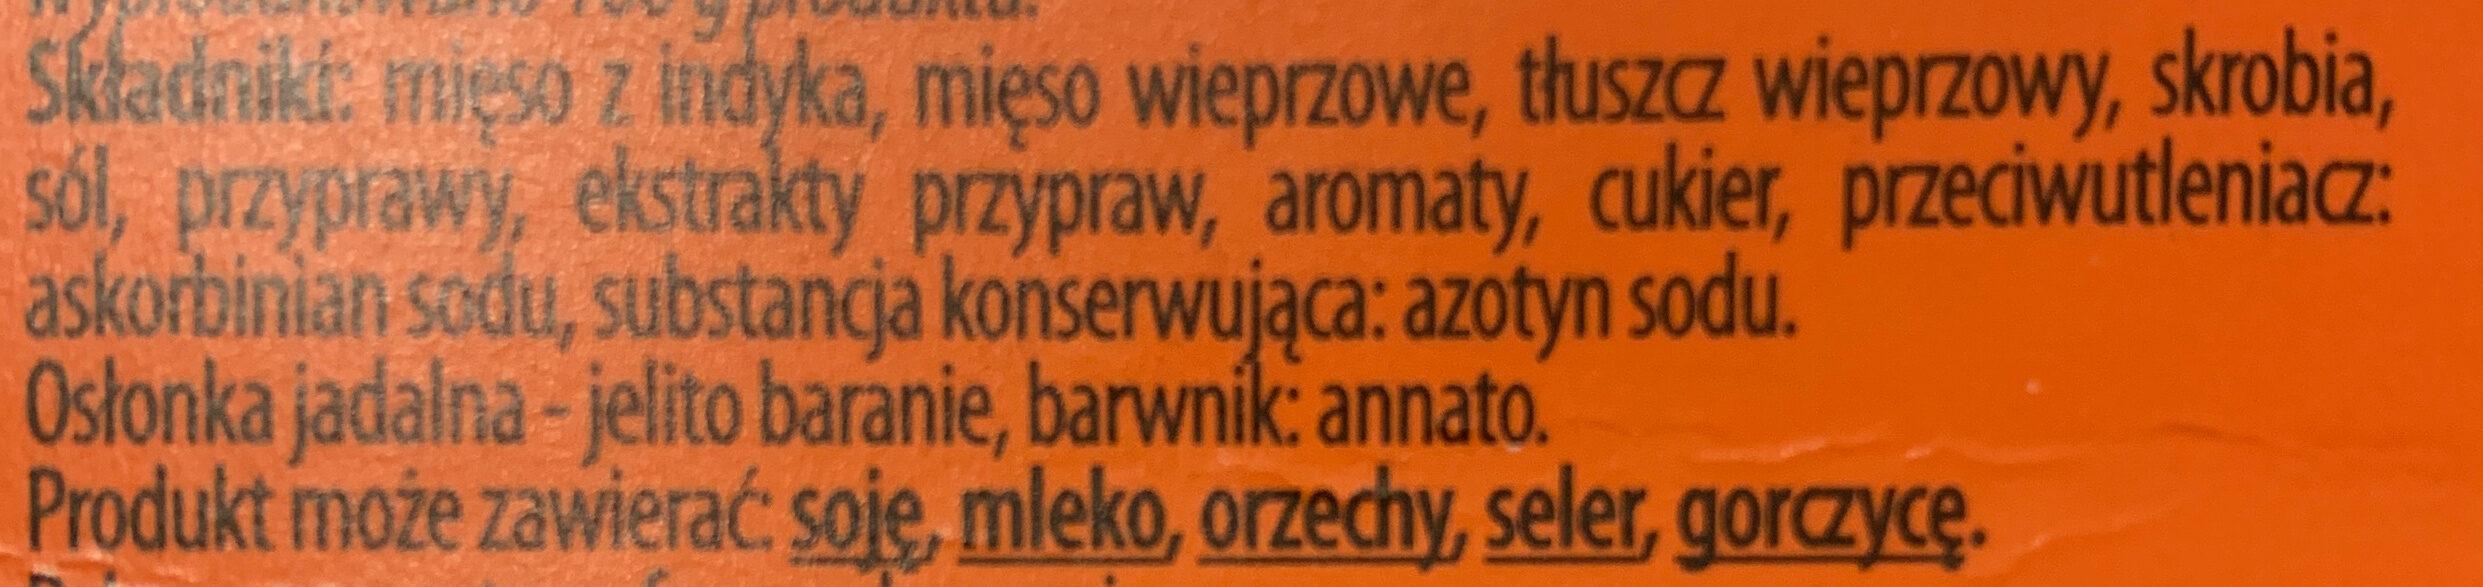 Kabanos - Ingredients - pl